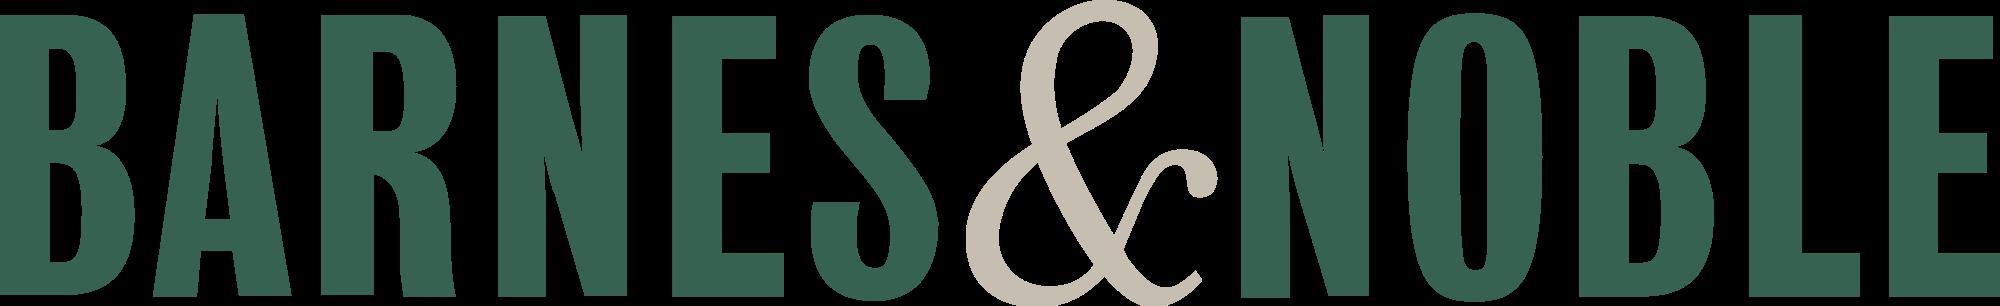 Barnes_&_Noble_logo.png